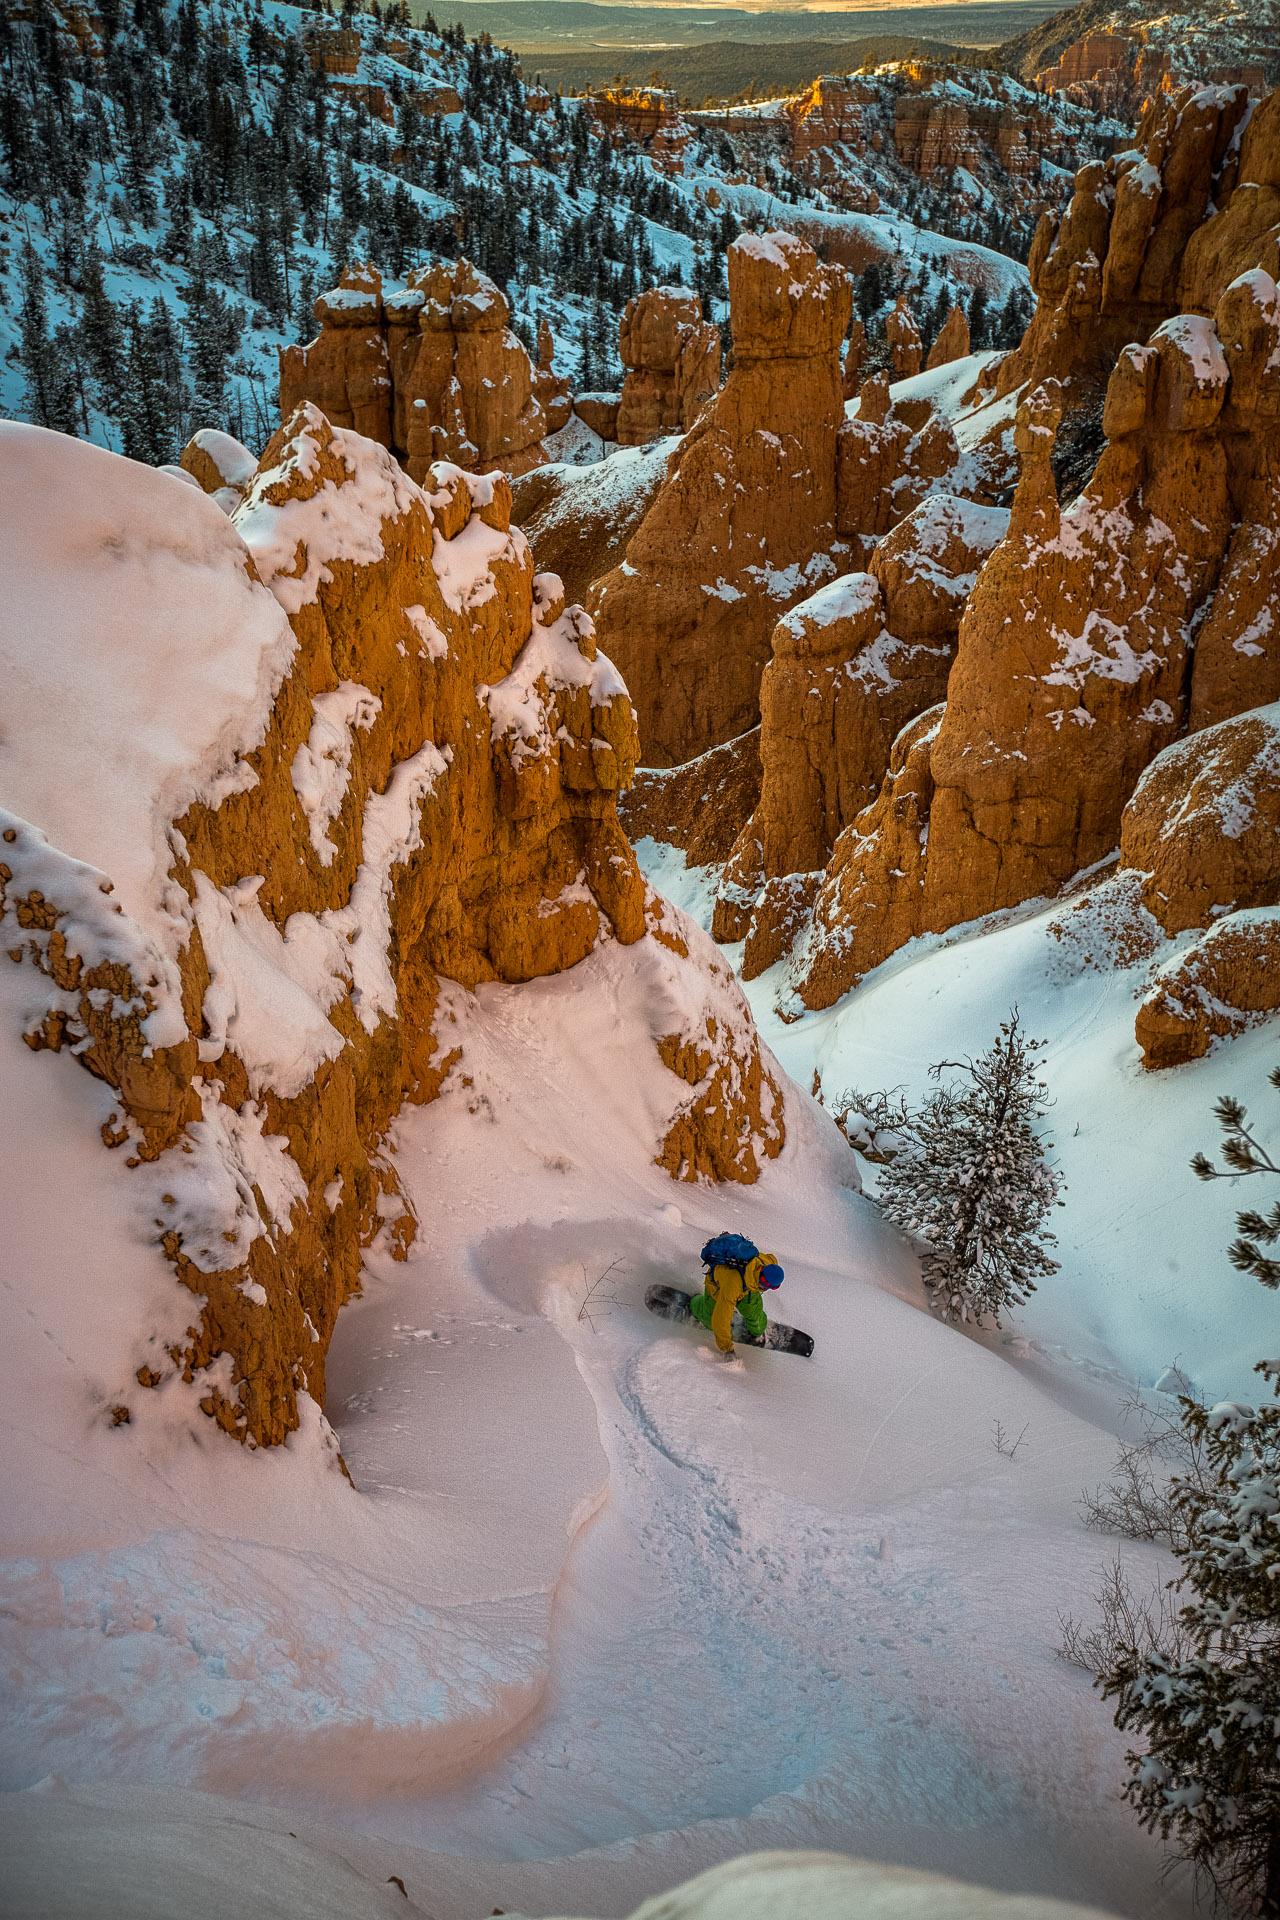 Kyle Miller skiing in the desert on Red Mountain, Utah